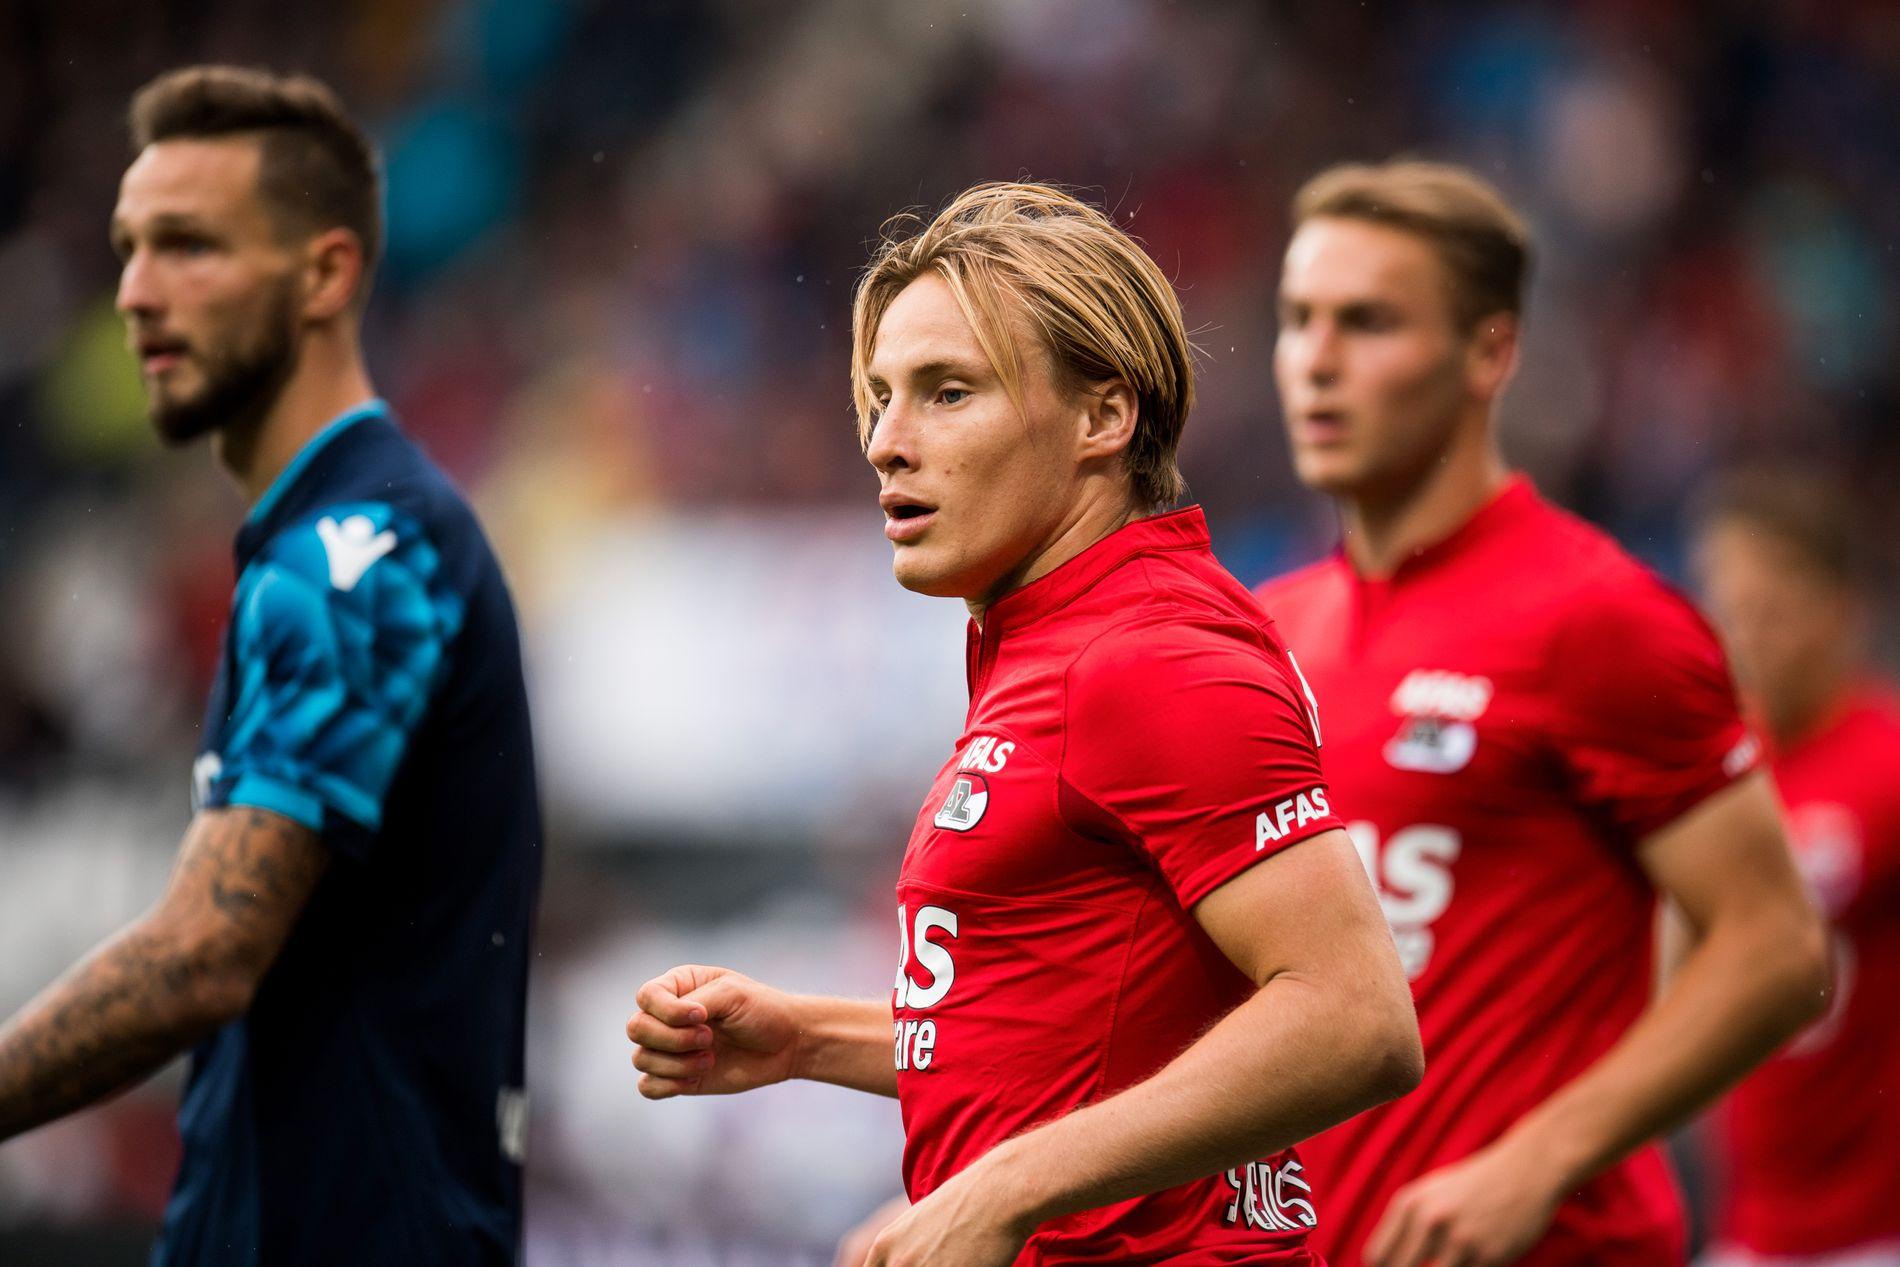 FAST HØYREBACK: Jonas Svensson i aksjon for AZ mot Vitesse Arnhem.